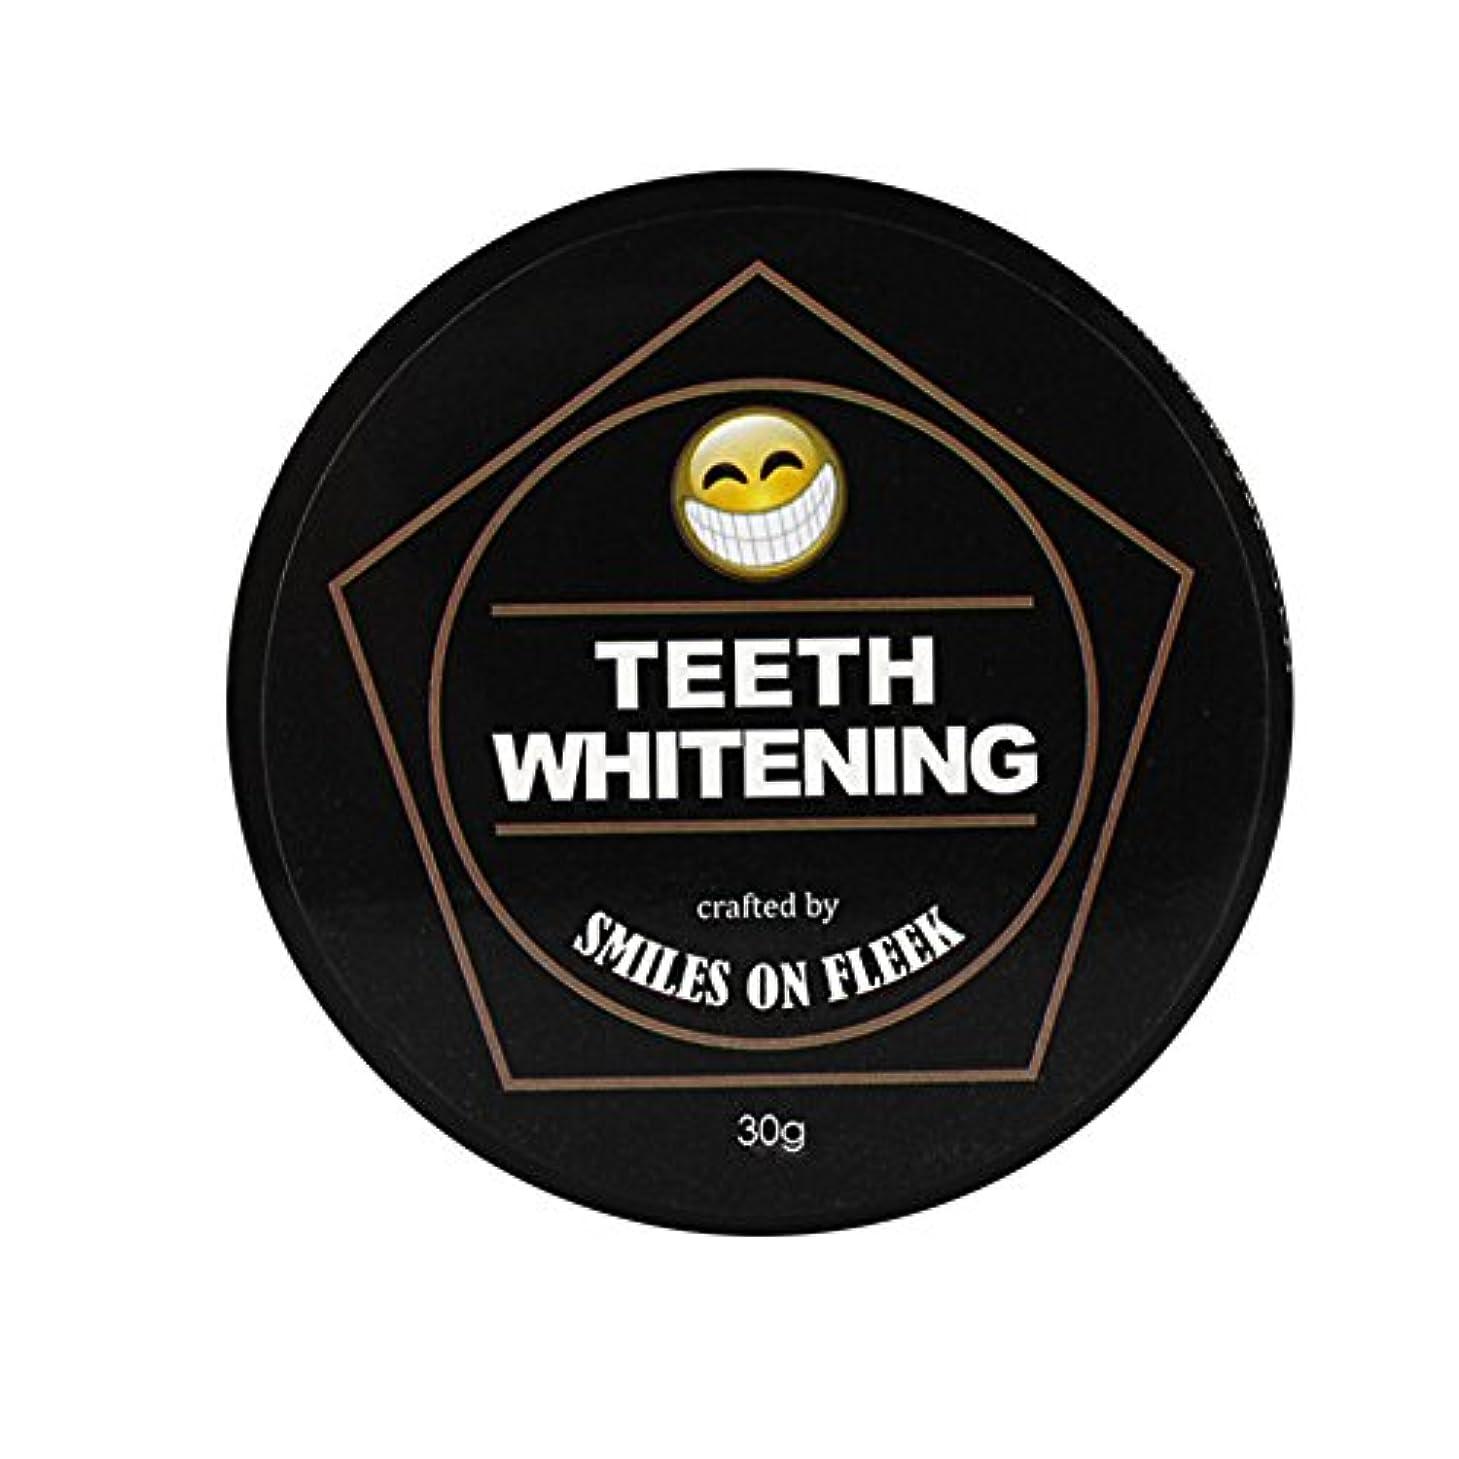 レーニン主義定期的な対処TerGOOSE チャコールホワイトニング 歯のホワイトニング チャコール型 マイクロパウダー 歯のホワイトニング 食べれる活性炭 竹炭 黄ばみ落とし 口臭 ヤニ取り 口がスッキリ 30mg